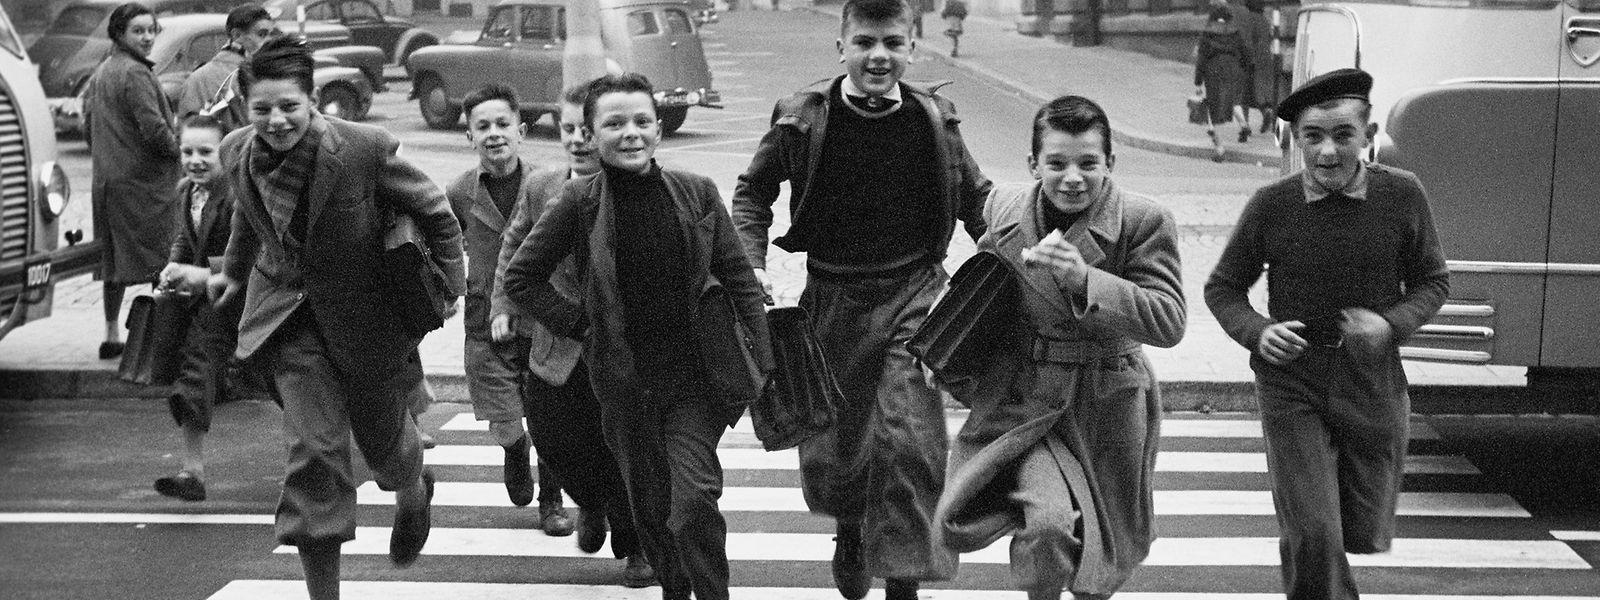 Ecoliers rue Aldringen en 1954